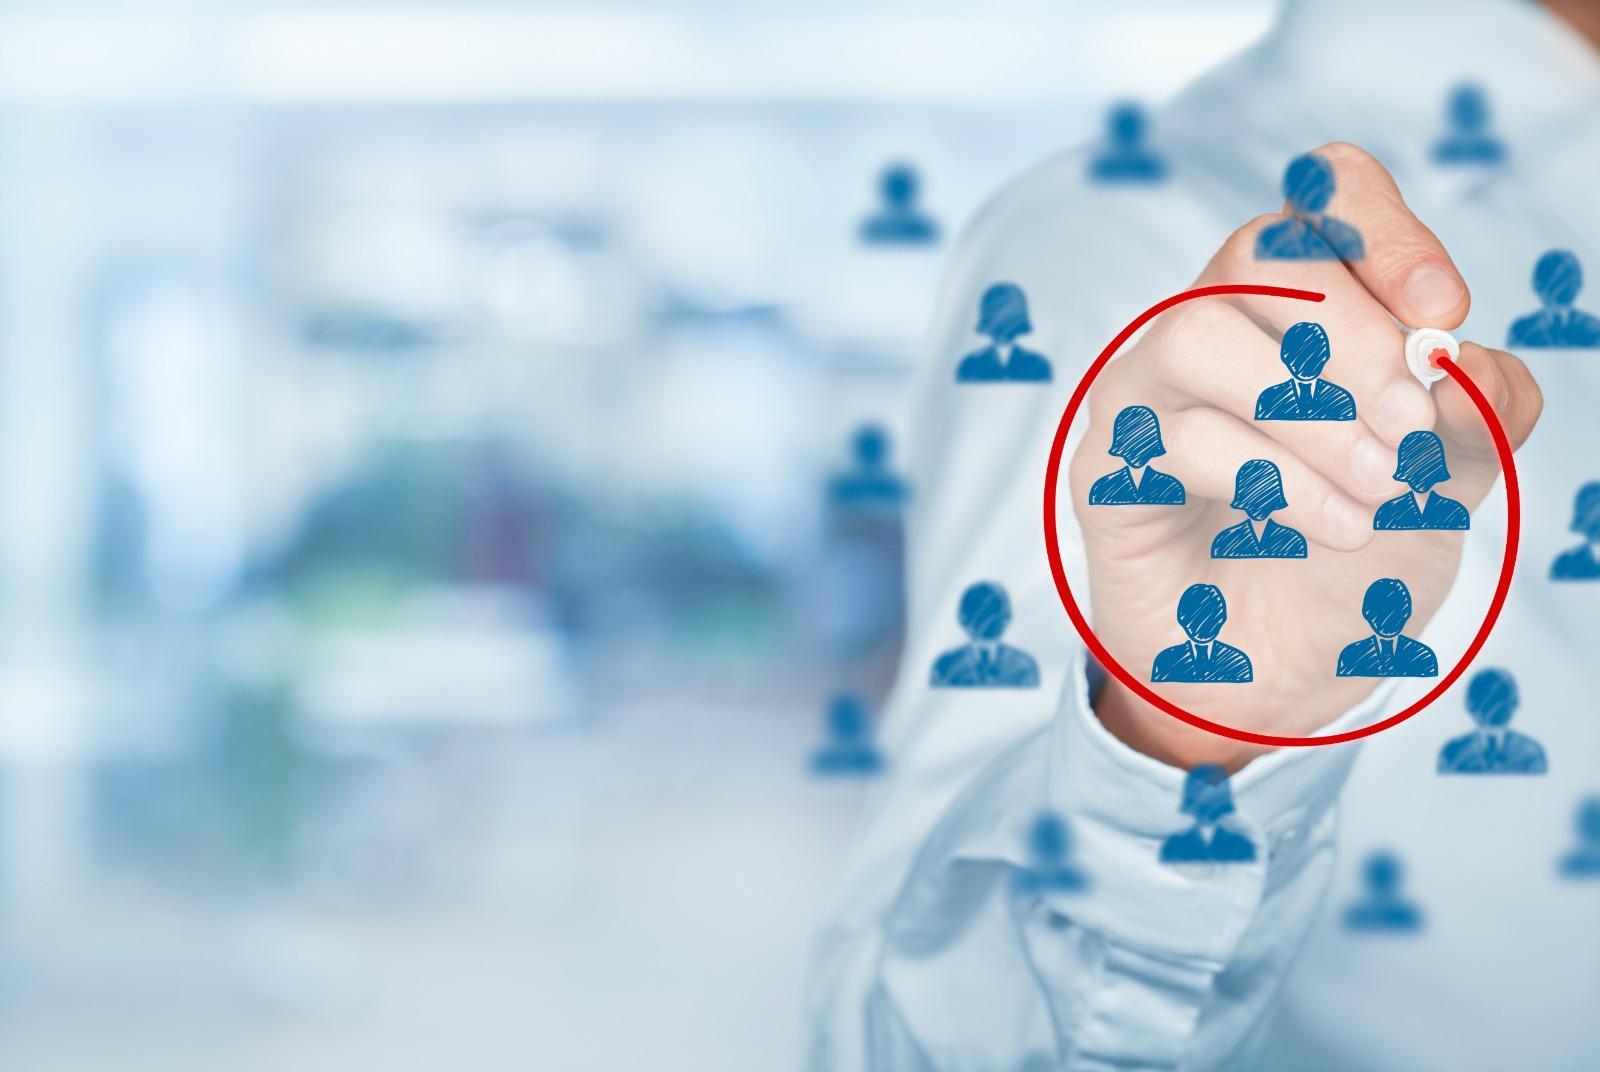 Quali sono i principali vantaggi di fare pubblicità su Facebook?